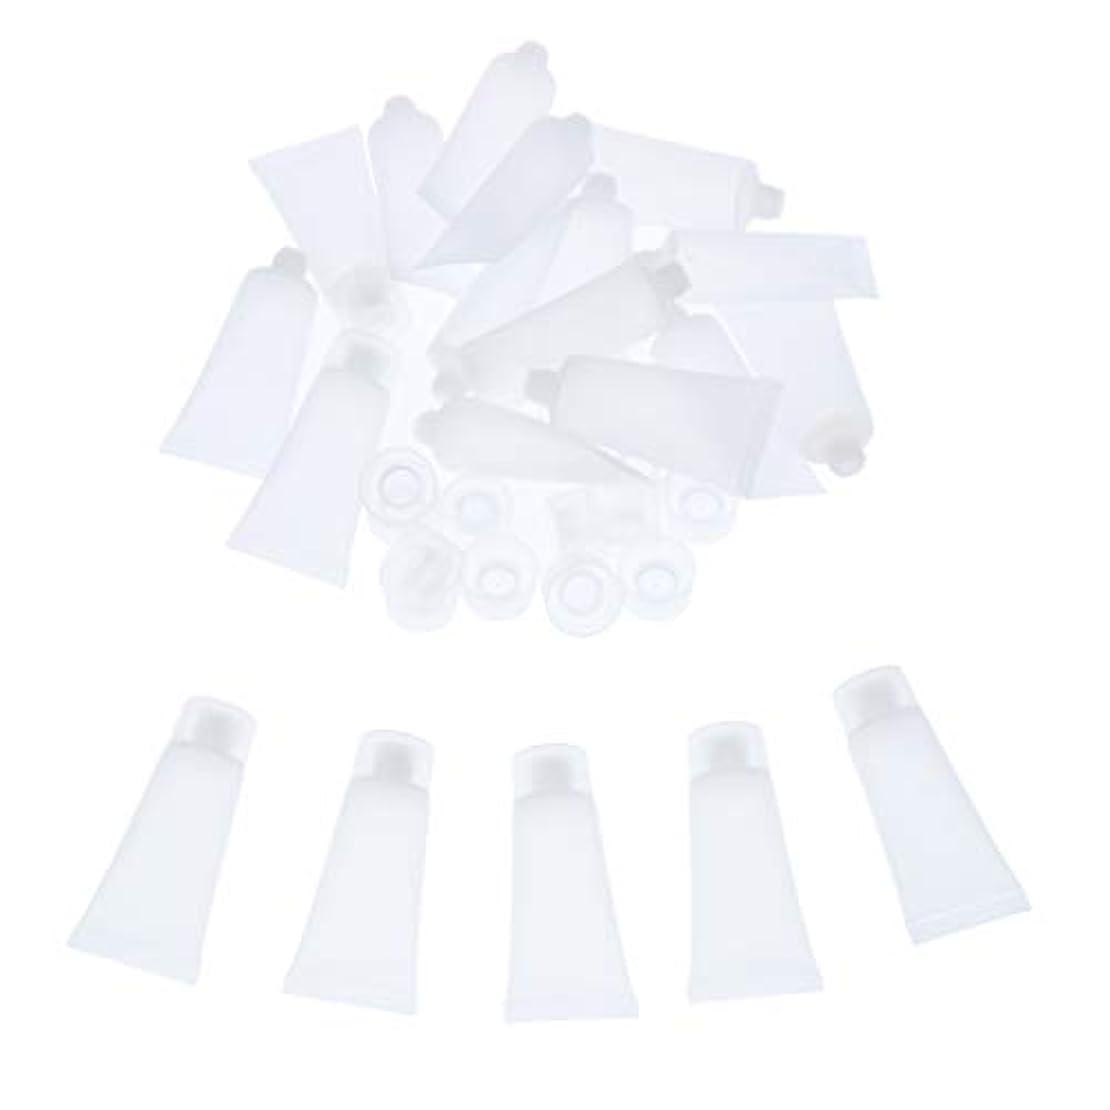 ブロンズバスタブ農学クリーム チューブ 詰め替え ローション チューブ プラスチック素材 約20個入り 全4サイズ - 20ml